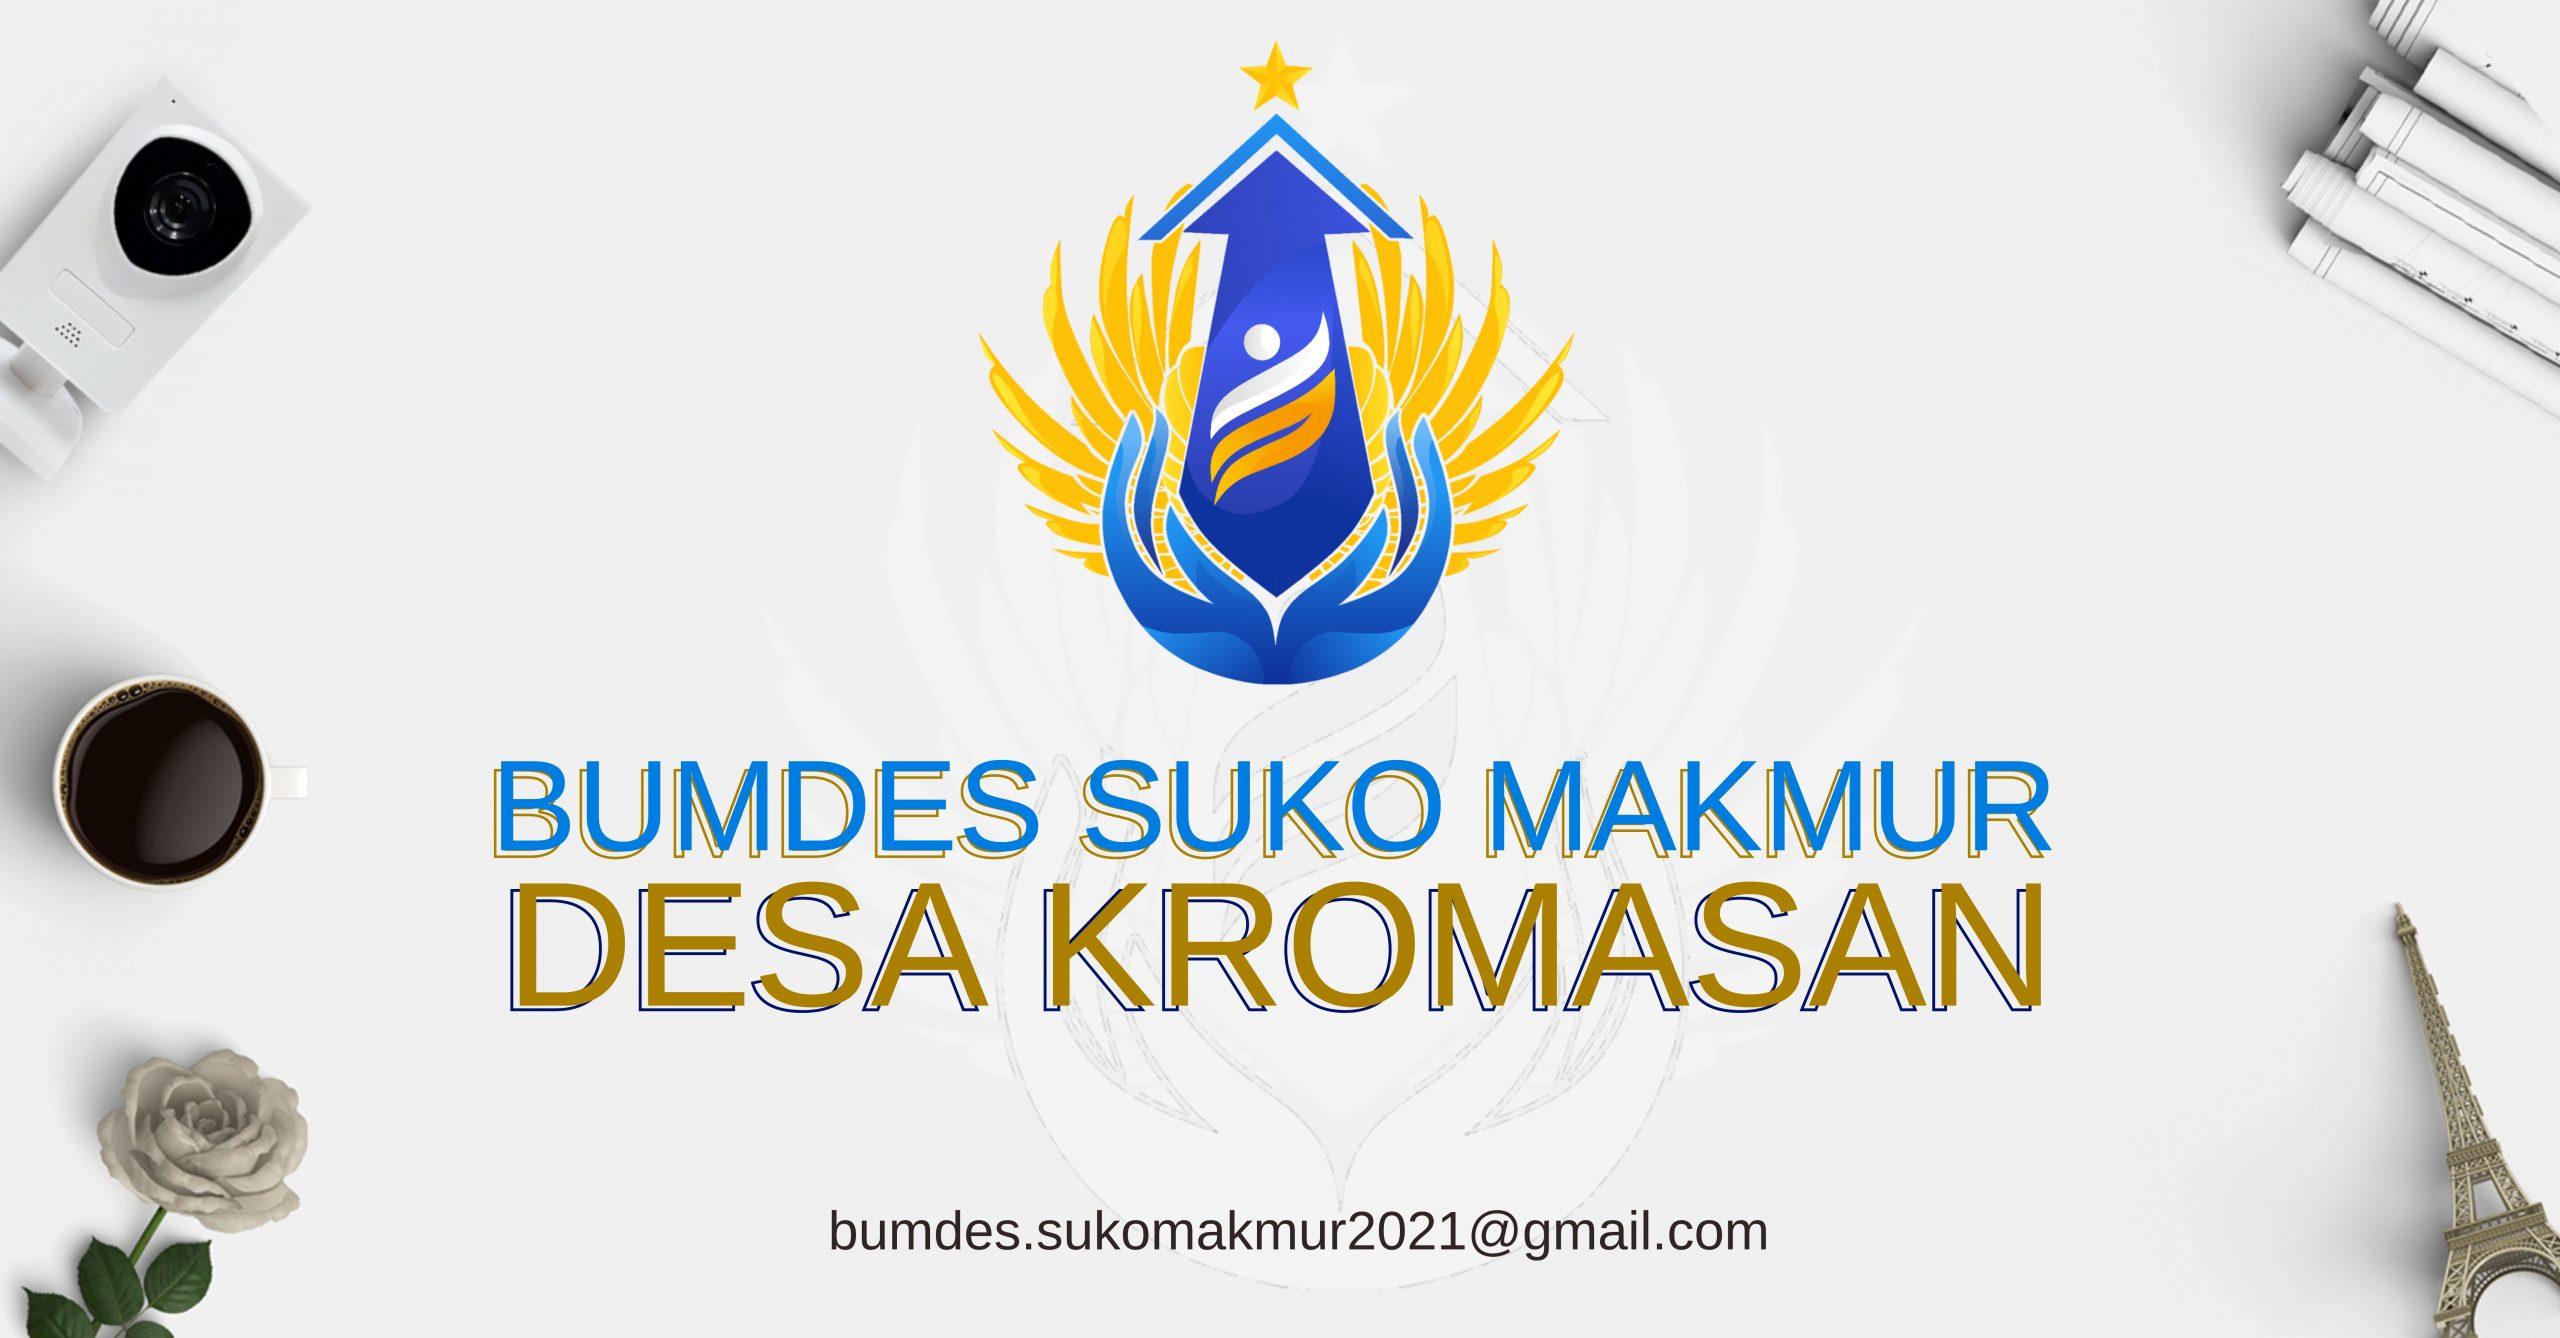 Bumdes Suko Makmur